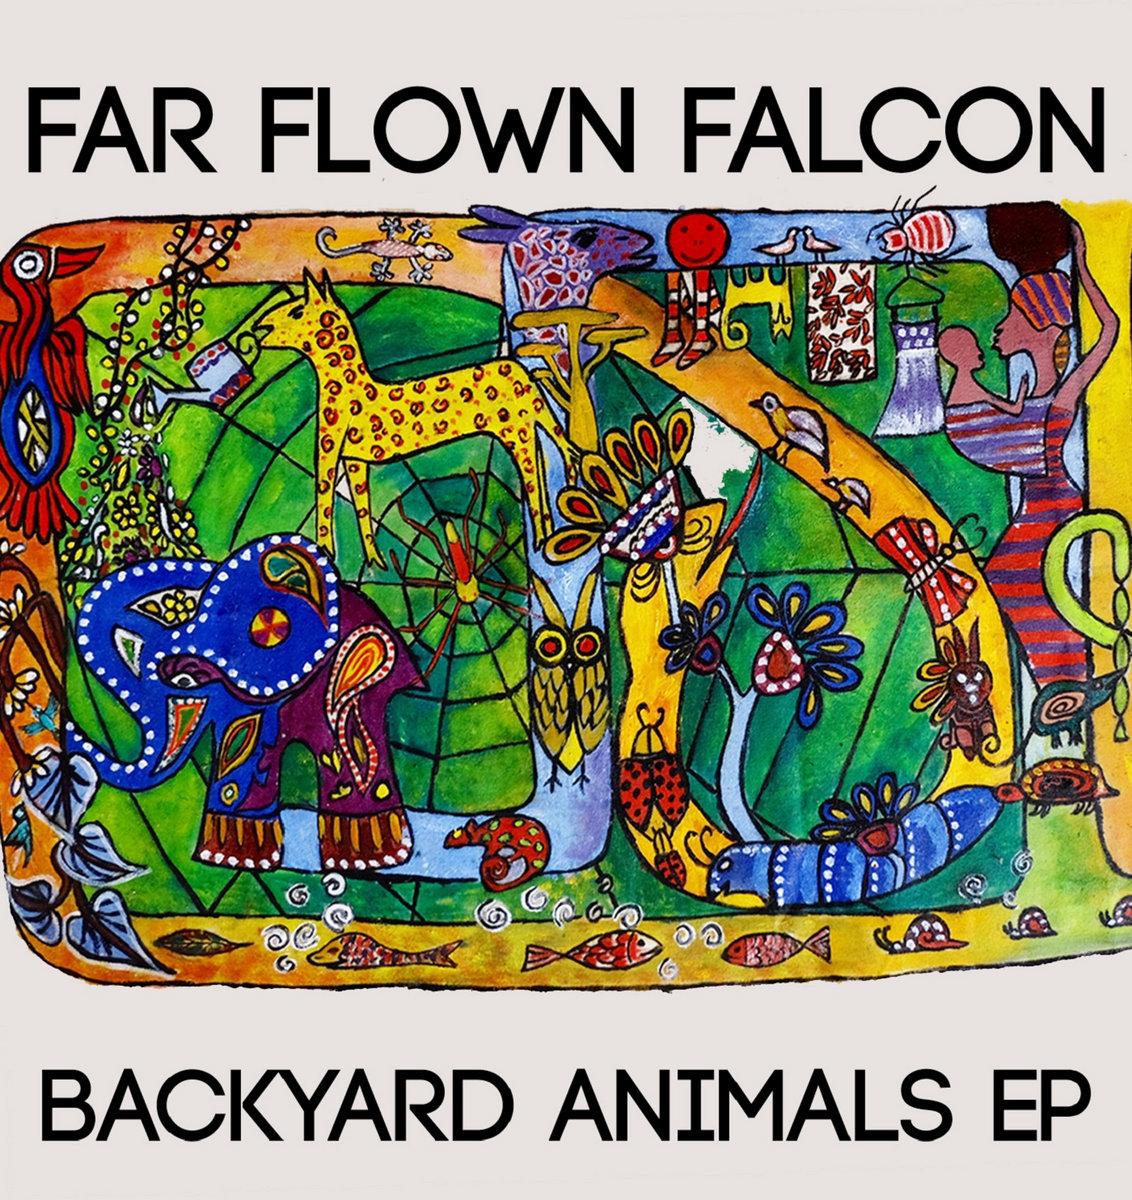 backyard animals ep far flown falcon